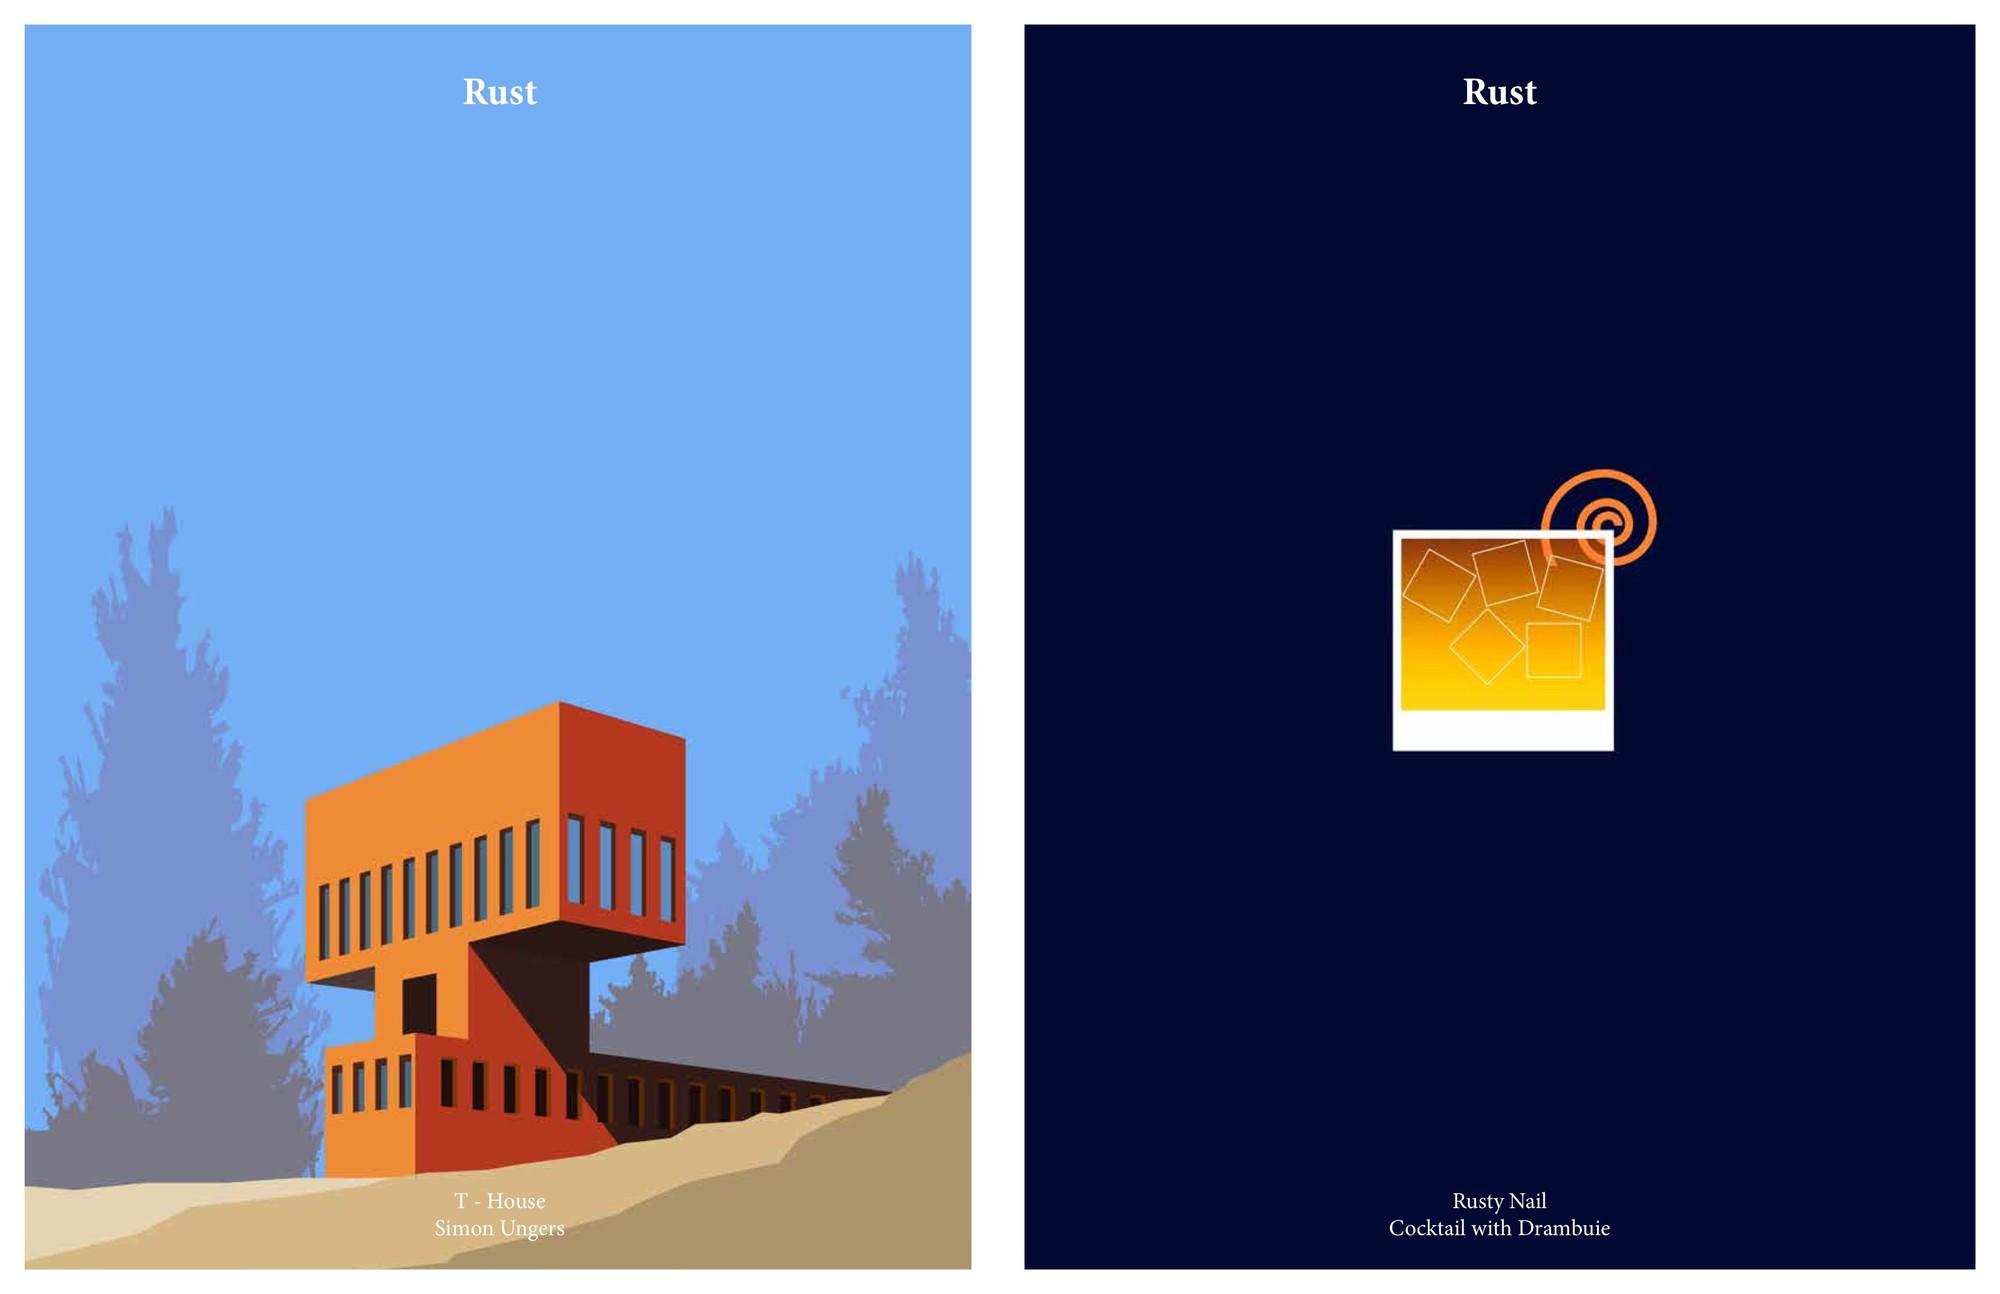 Casa T por Simon Ungers / Rusty Nail. Imágen cortesía de Kosmos Architects